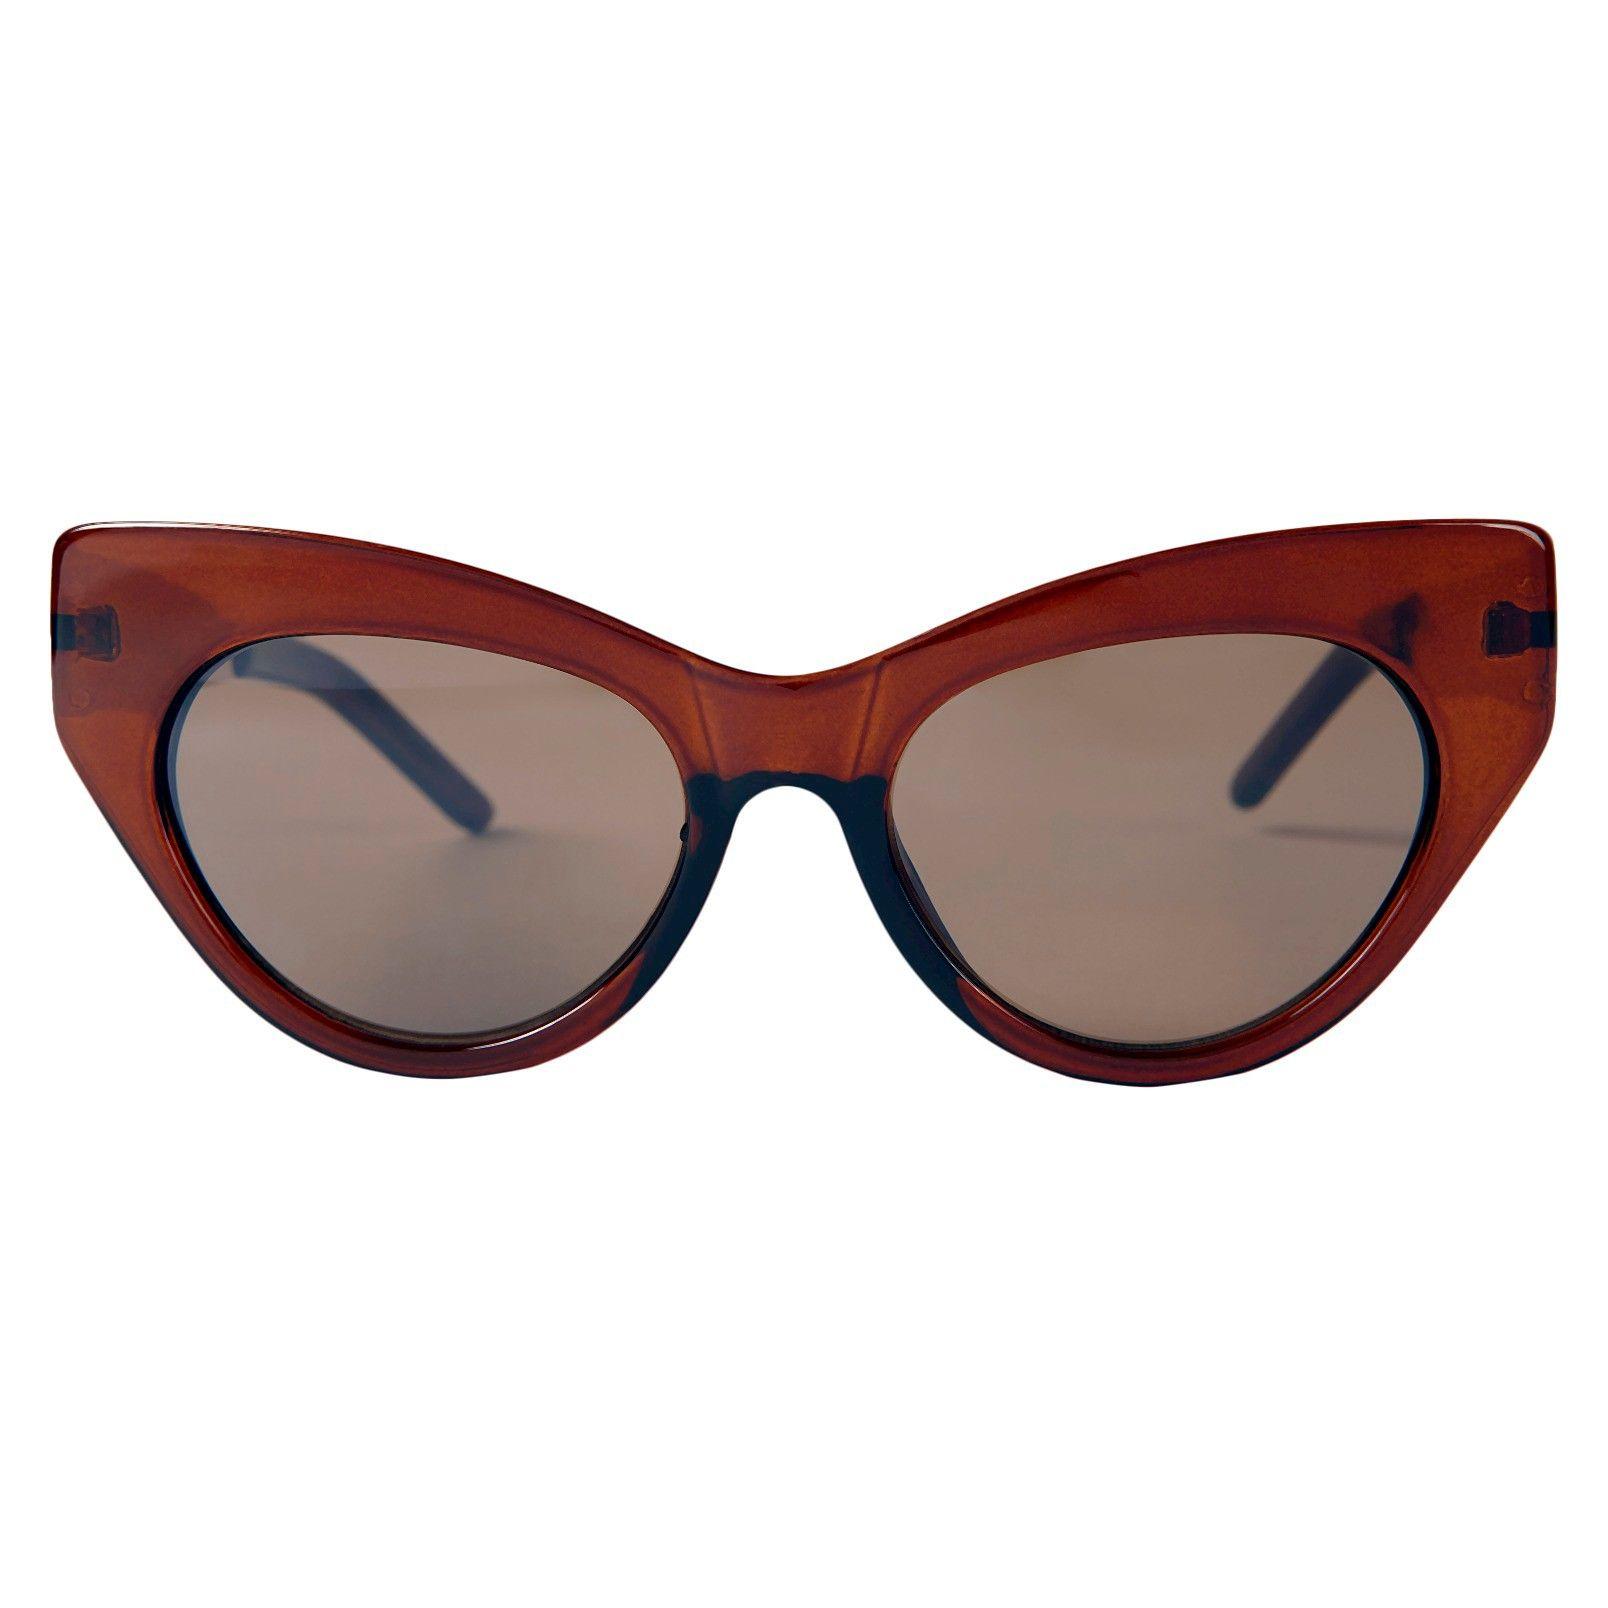 Women's Retro Cat Eye Sunglasses - Brown